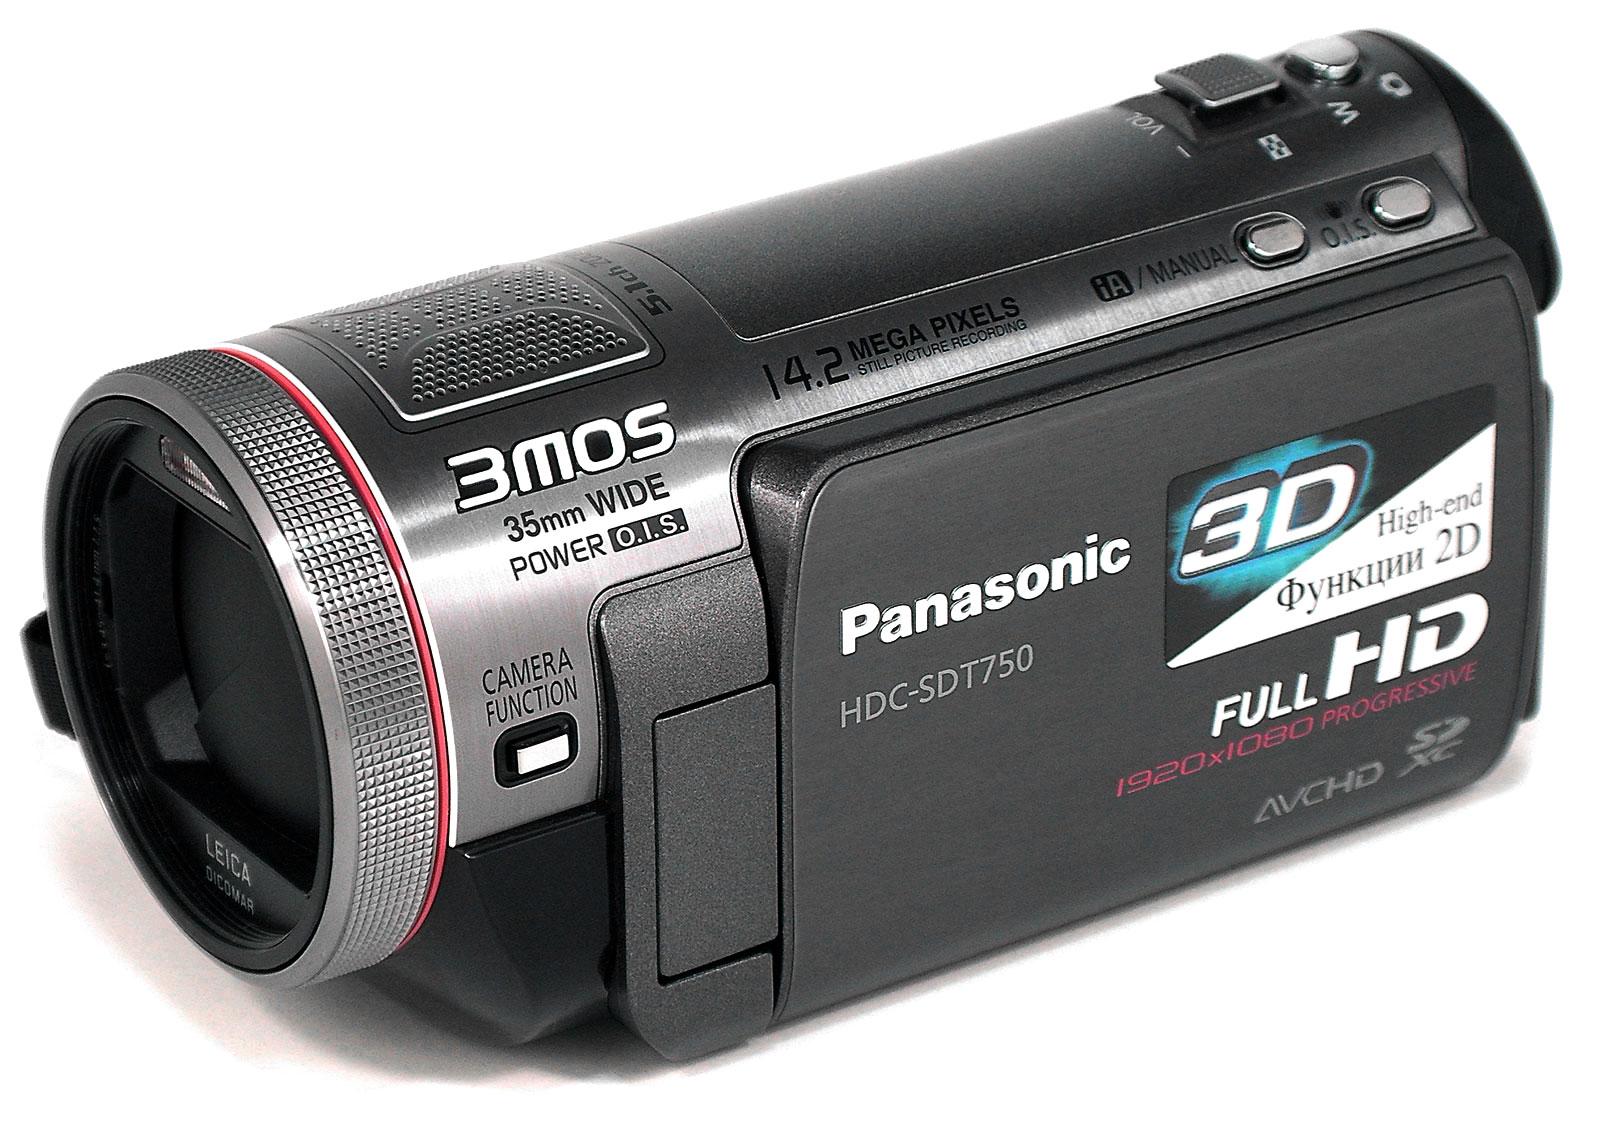 Цифровые 3d видеокамеры Panasonic: цены